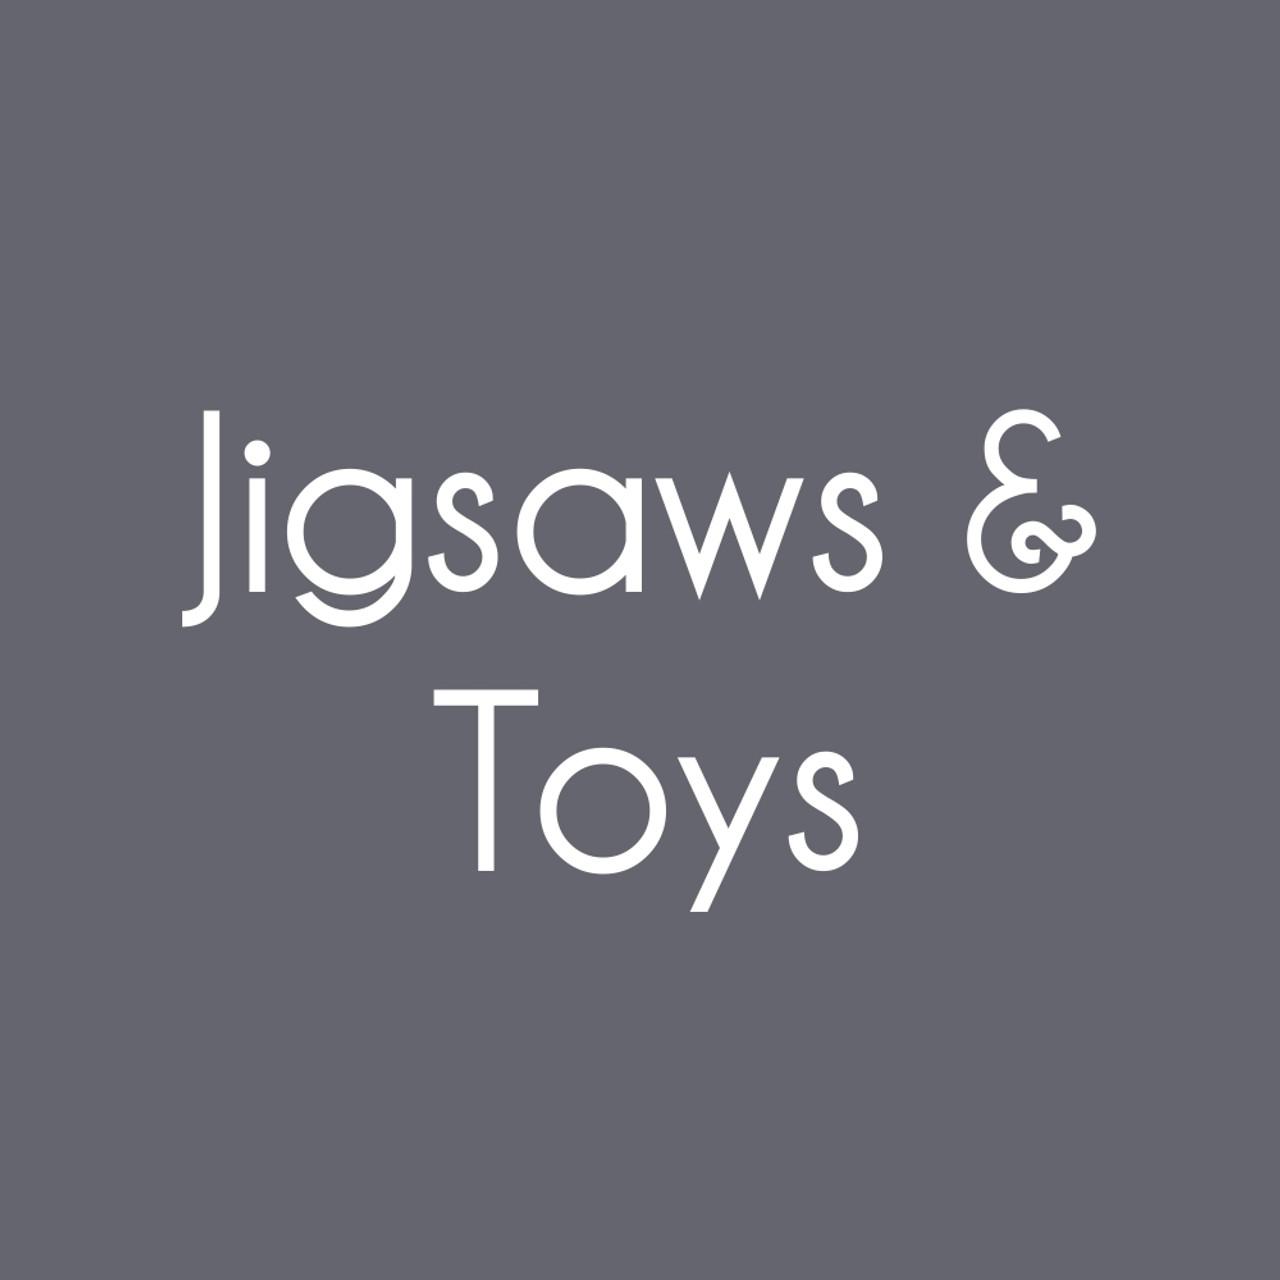 Jigsaws & Toys